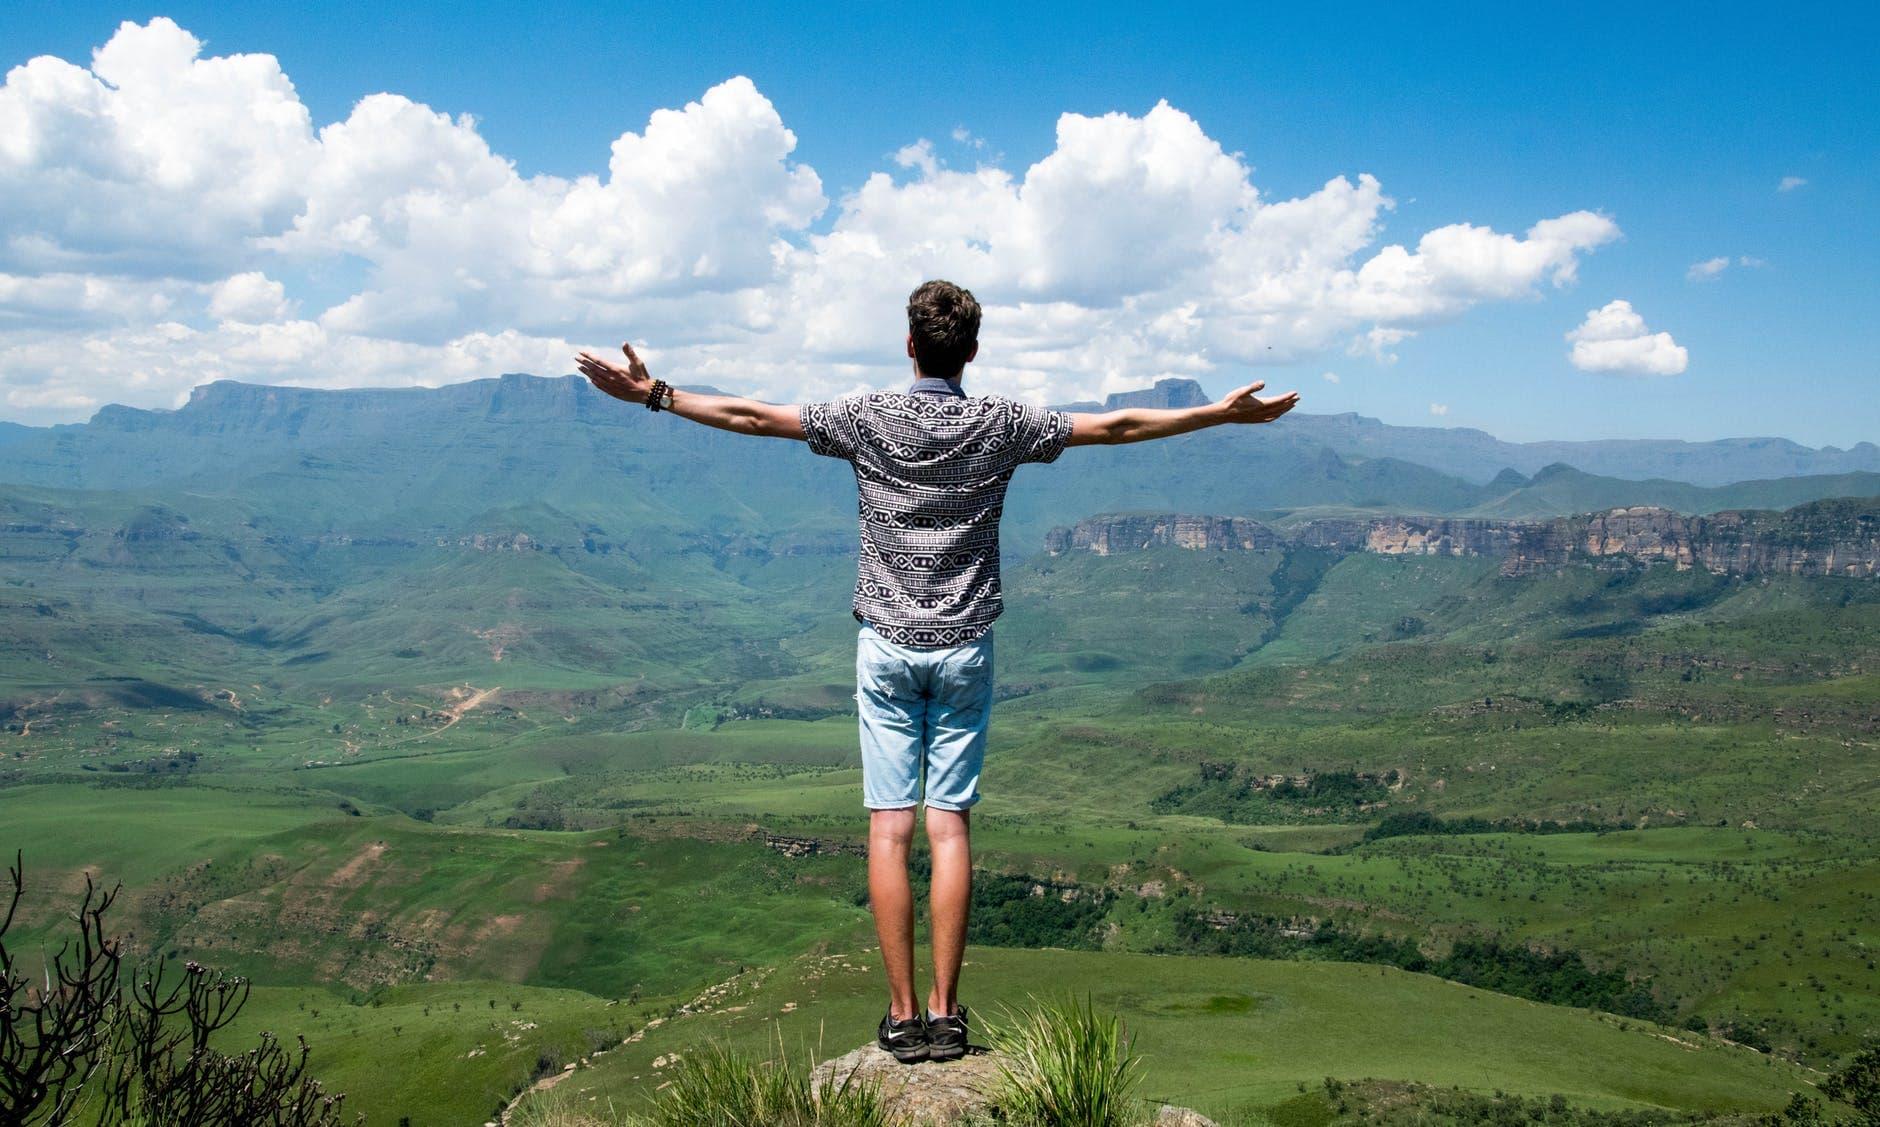 landscape nature africa boy